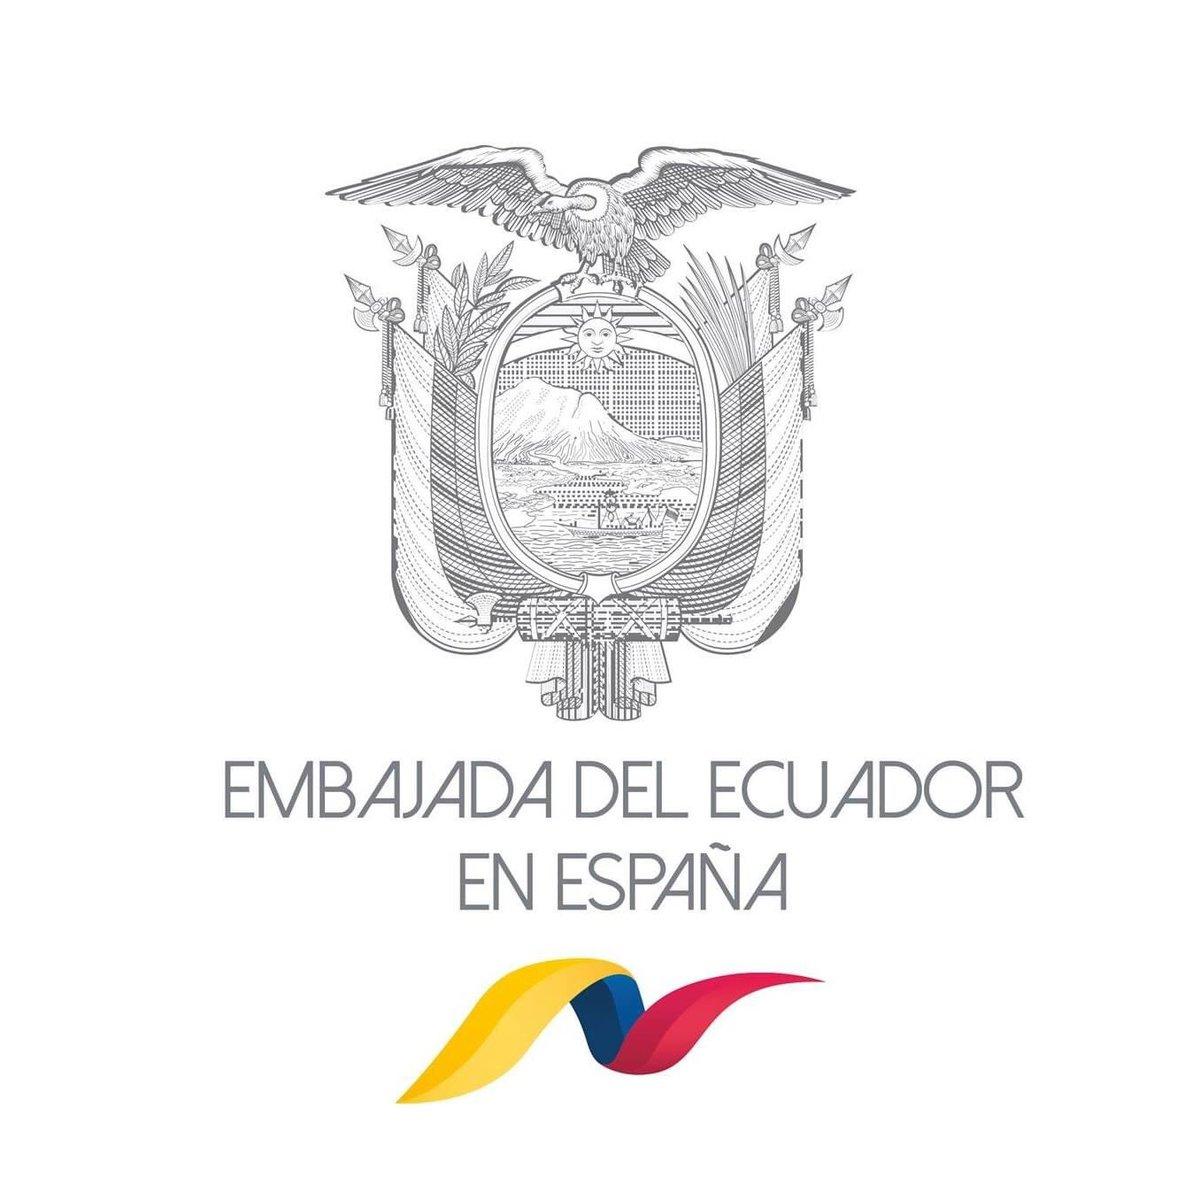 La Embajada y el Consulado General de Ecuador en Madrid Ecuador condenan el bochornoso comportamiento racista sufrido por una pareja de origen ecuatoriano en el metro de Madrid, a quienes brindaremos apoyo y protección. @roldancobo17 @CancilleriaEc @CECUMad https://t.co/MAxBnkFUgc